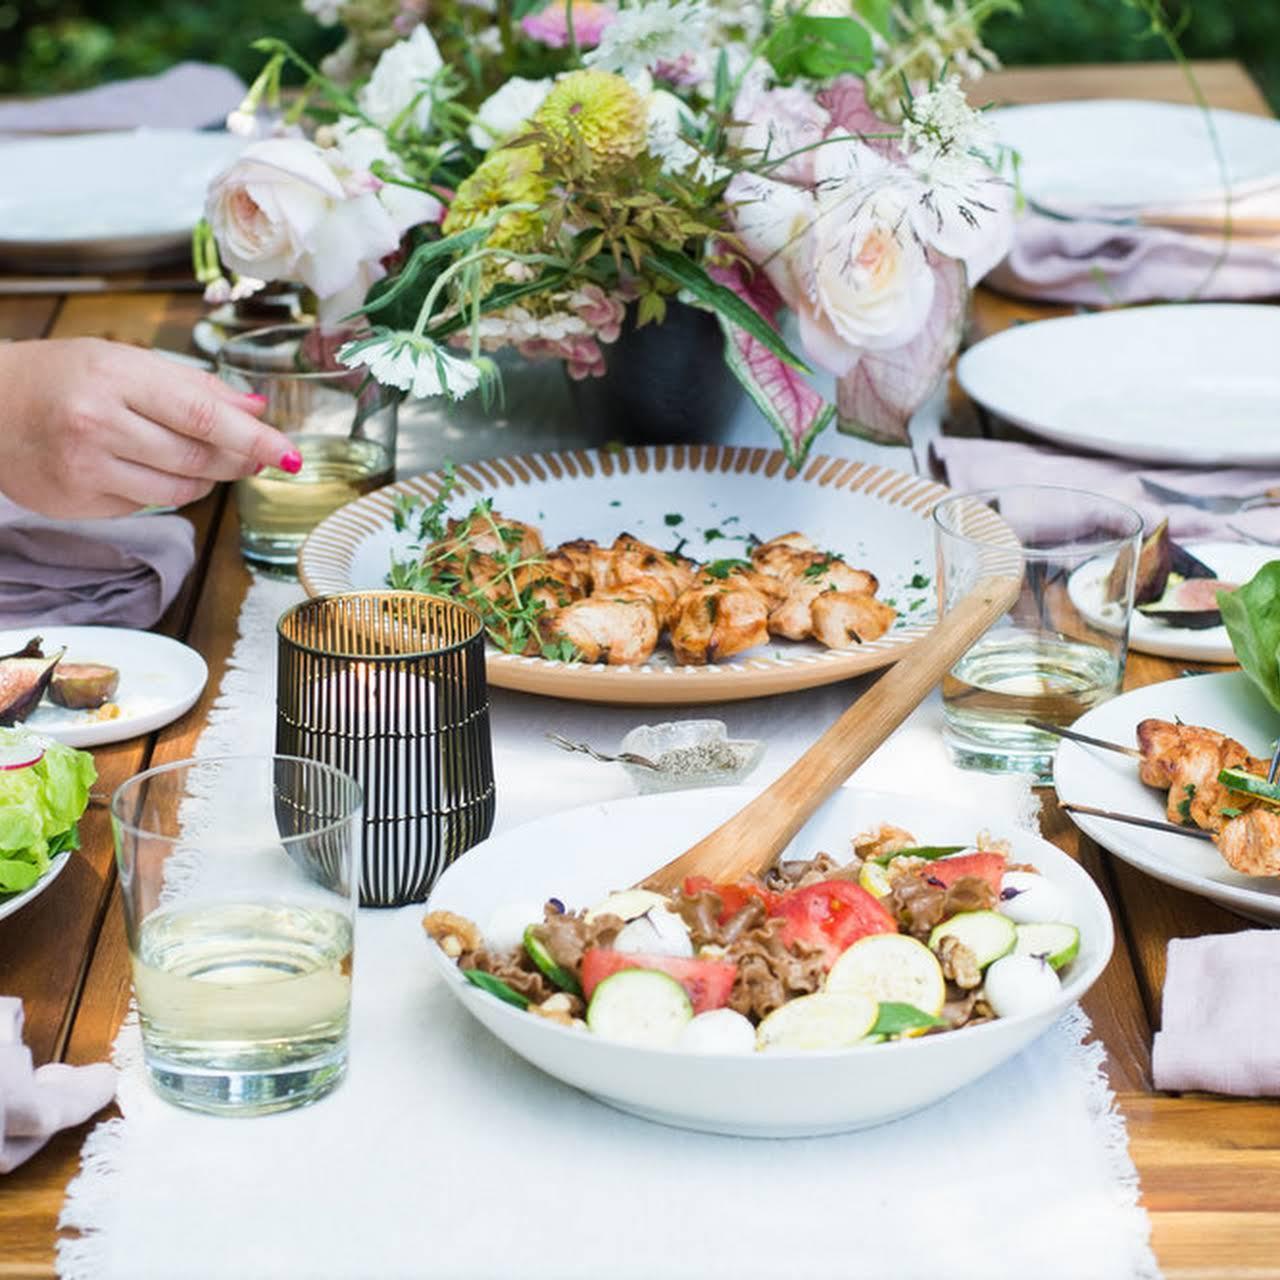 Healthy BBQ Recipes and Menu